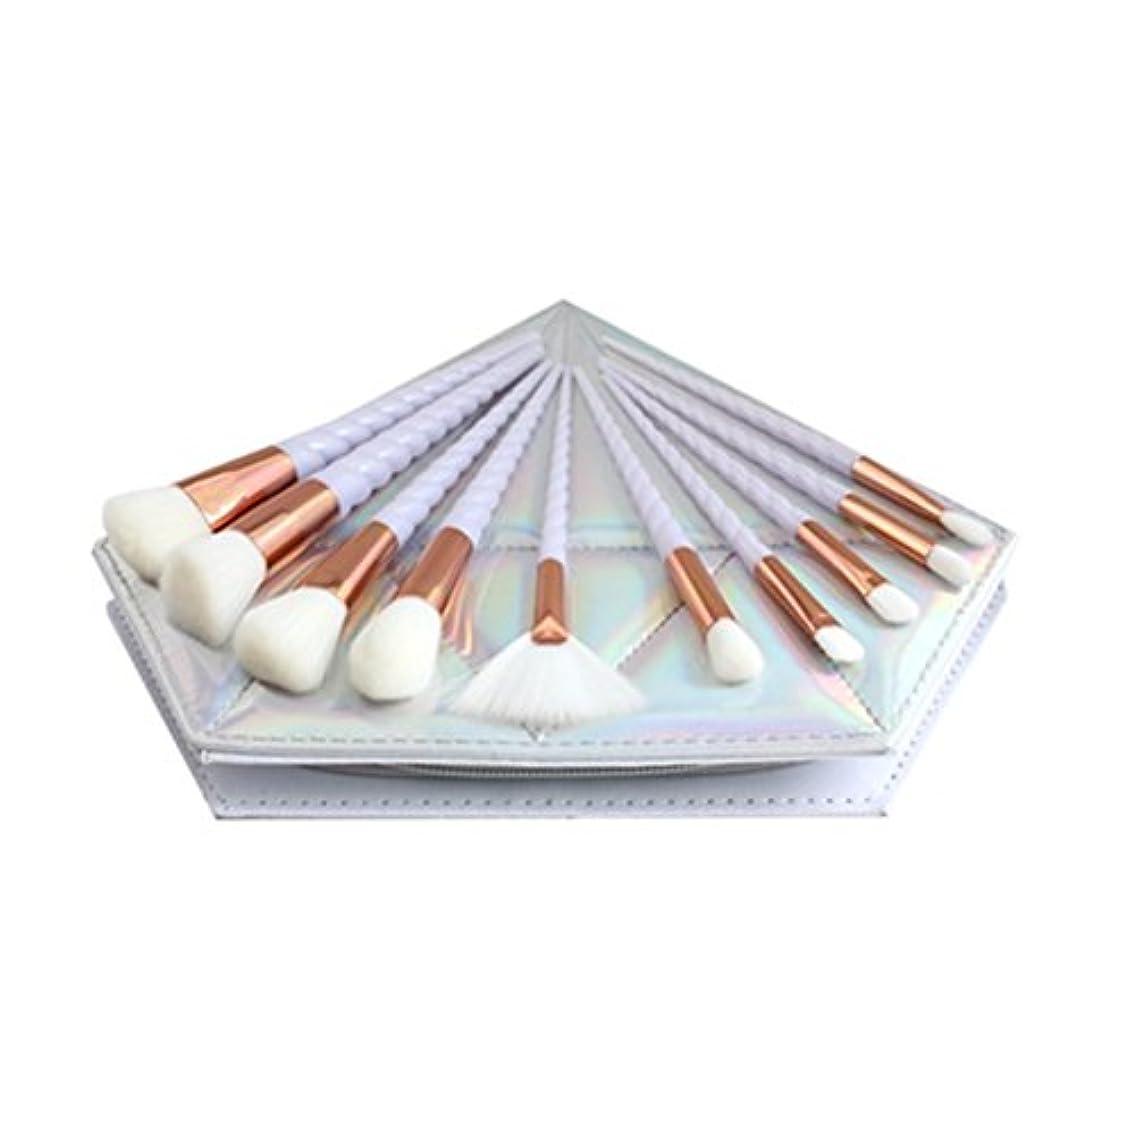 腸オン分離Dilla Beauty 10本セットユニコーンデザインプラスチックハンドル形状メイクブラシセット合成毛ファンデーションブラシアイシャドーブラッシャー美容ツール美しい化粧品のバッグを送る (白い柄 - 白い髪)